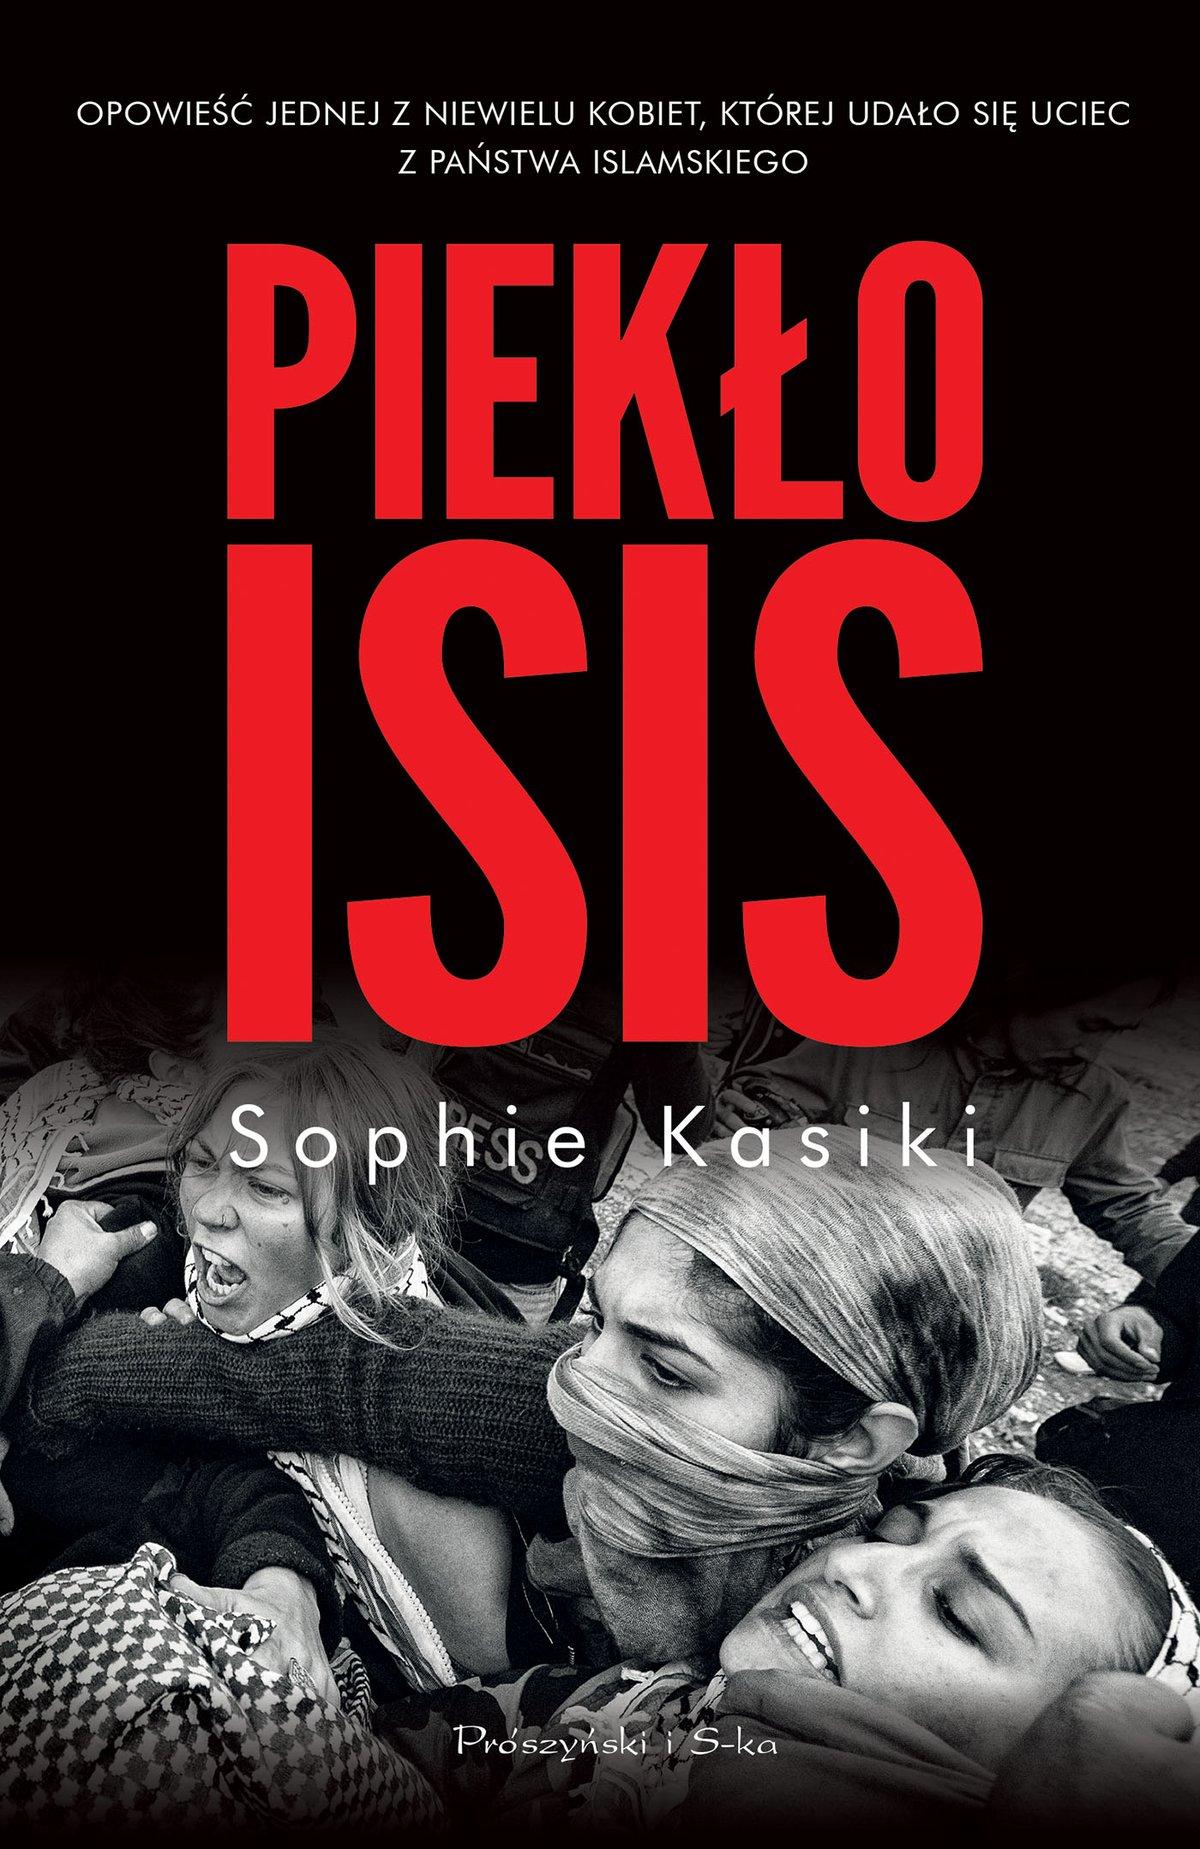 Piekło ISIS. Opowieść jednej z niewielu kobiet, którym udało się uciec z Państwa Islamskiego - Ebook (Książka EPUB) do pobrania w formacie EPUB